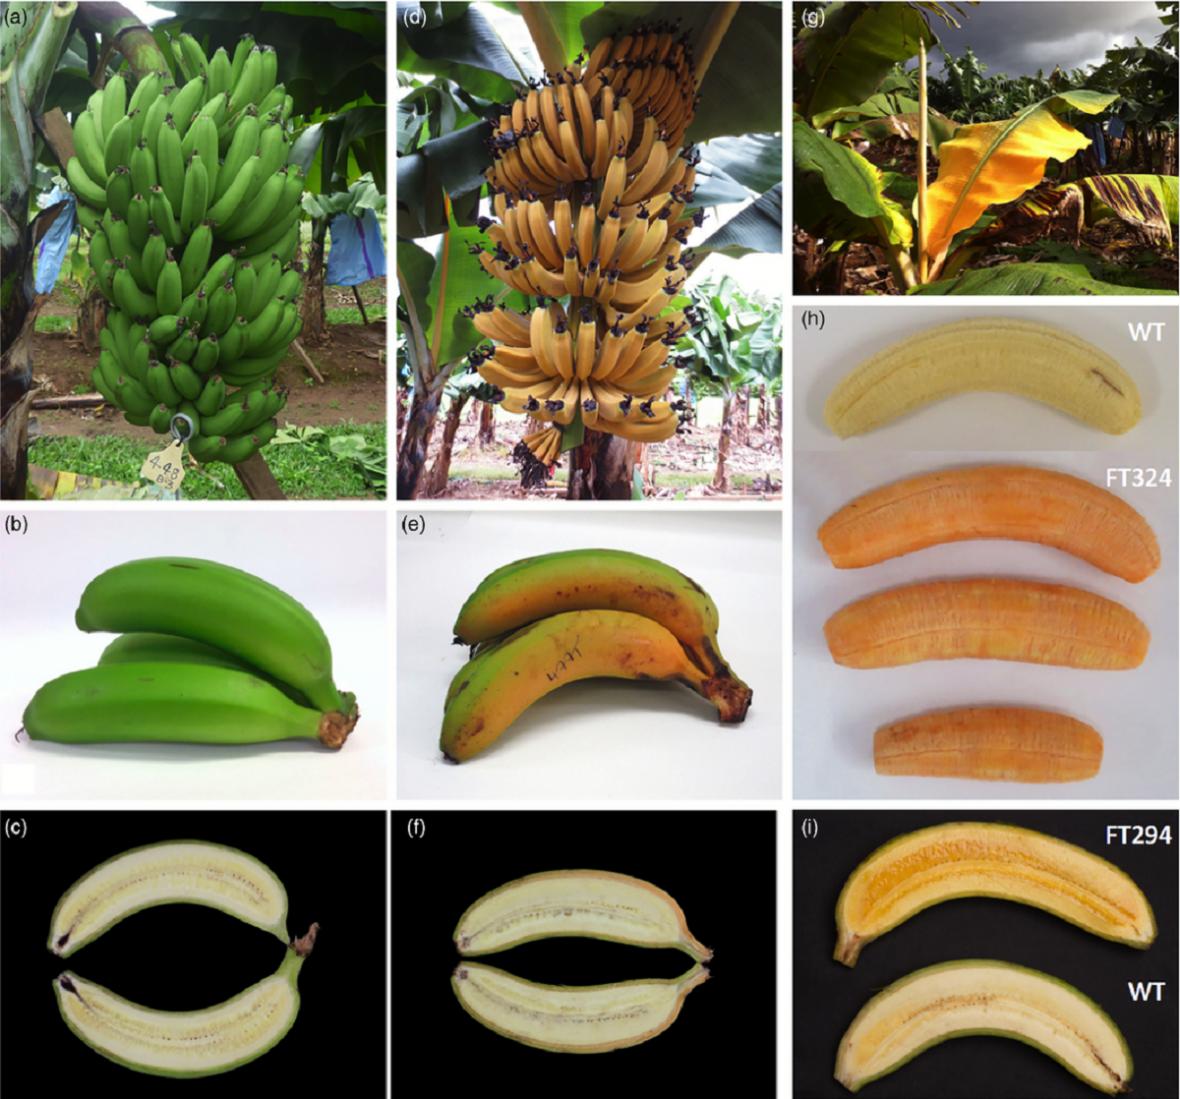 Srovnání klasických banánů Cavendish se zlatými banány